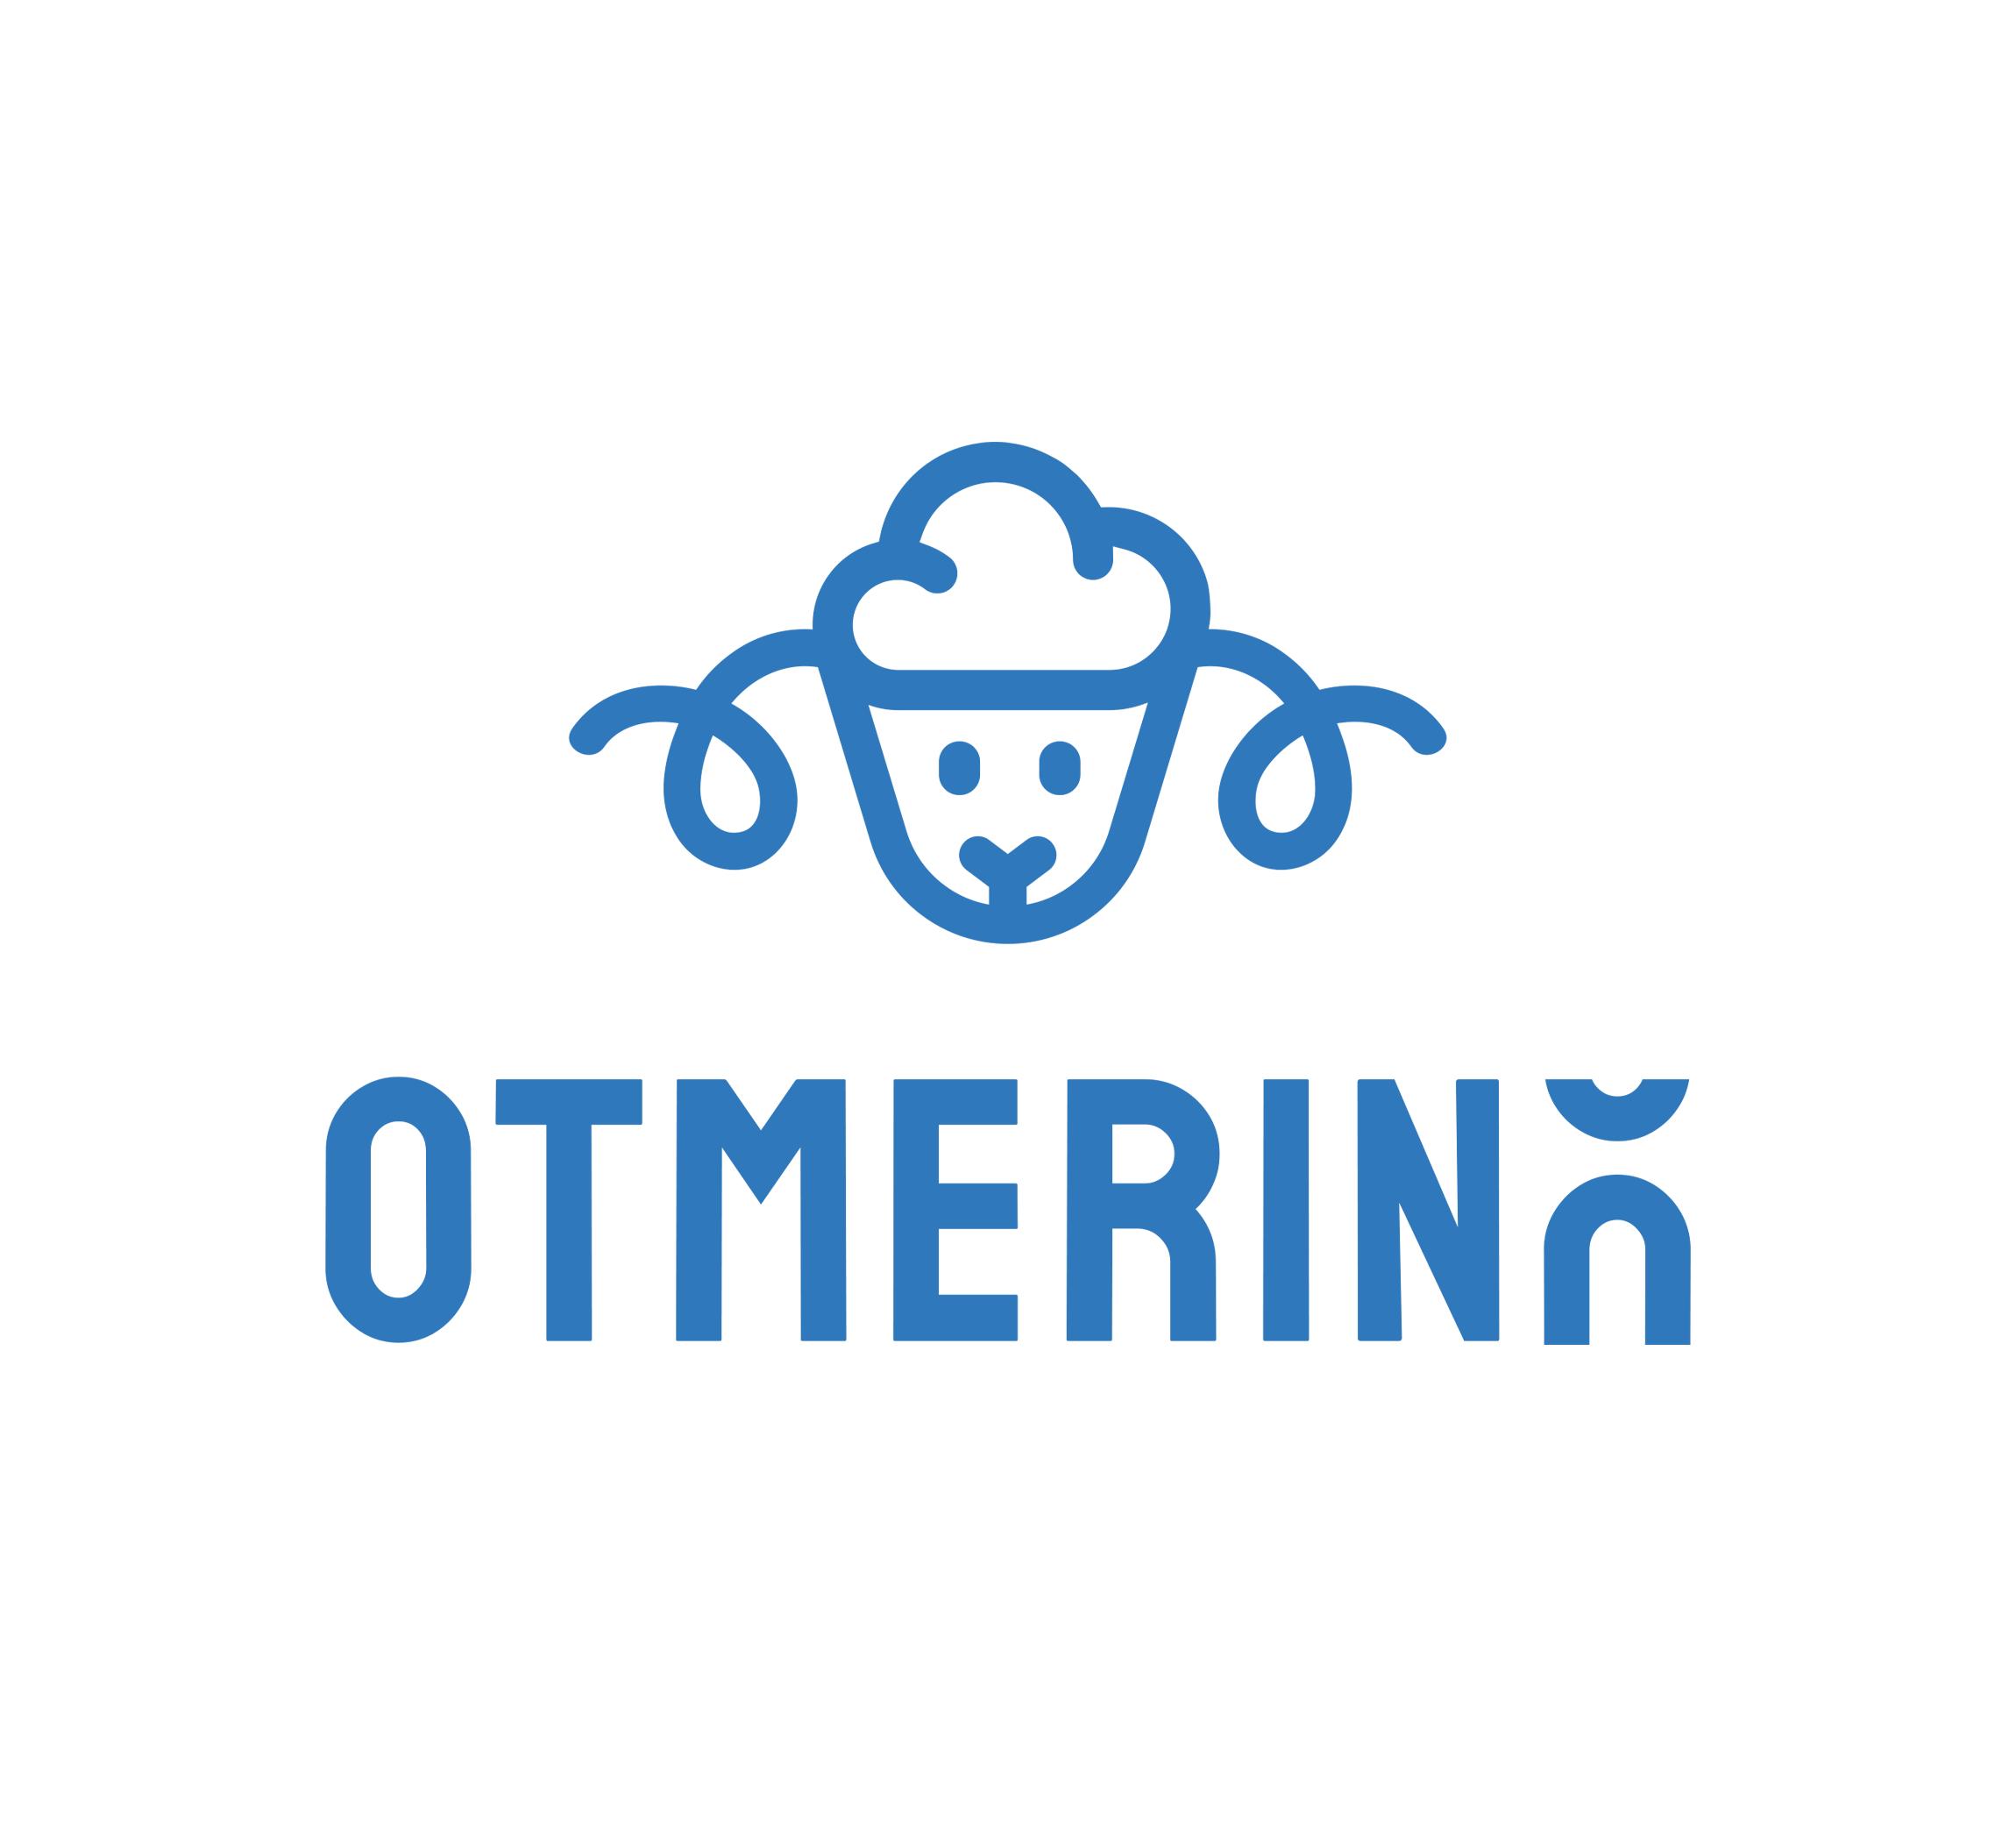 OTmerino, produkcja i sprzedaż odzieży z wełny merino — branding